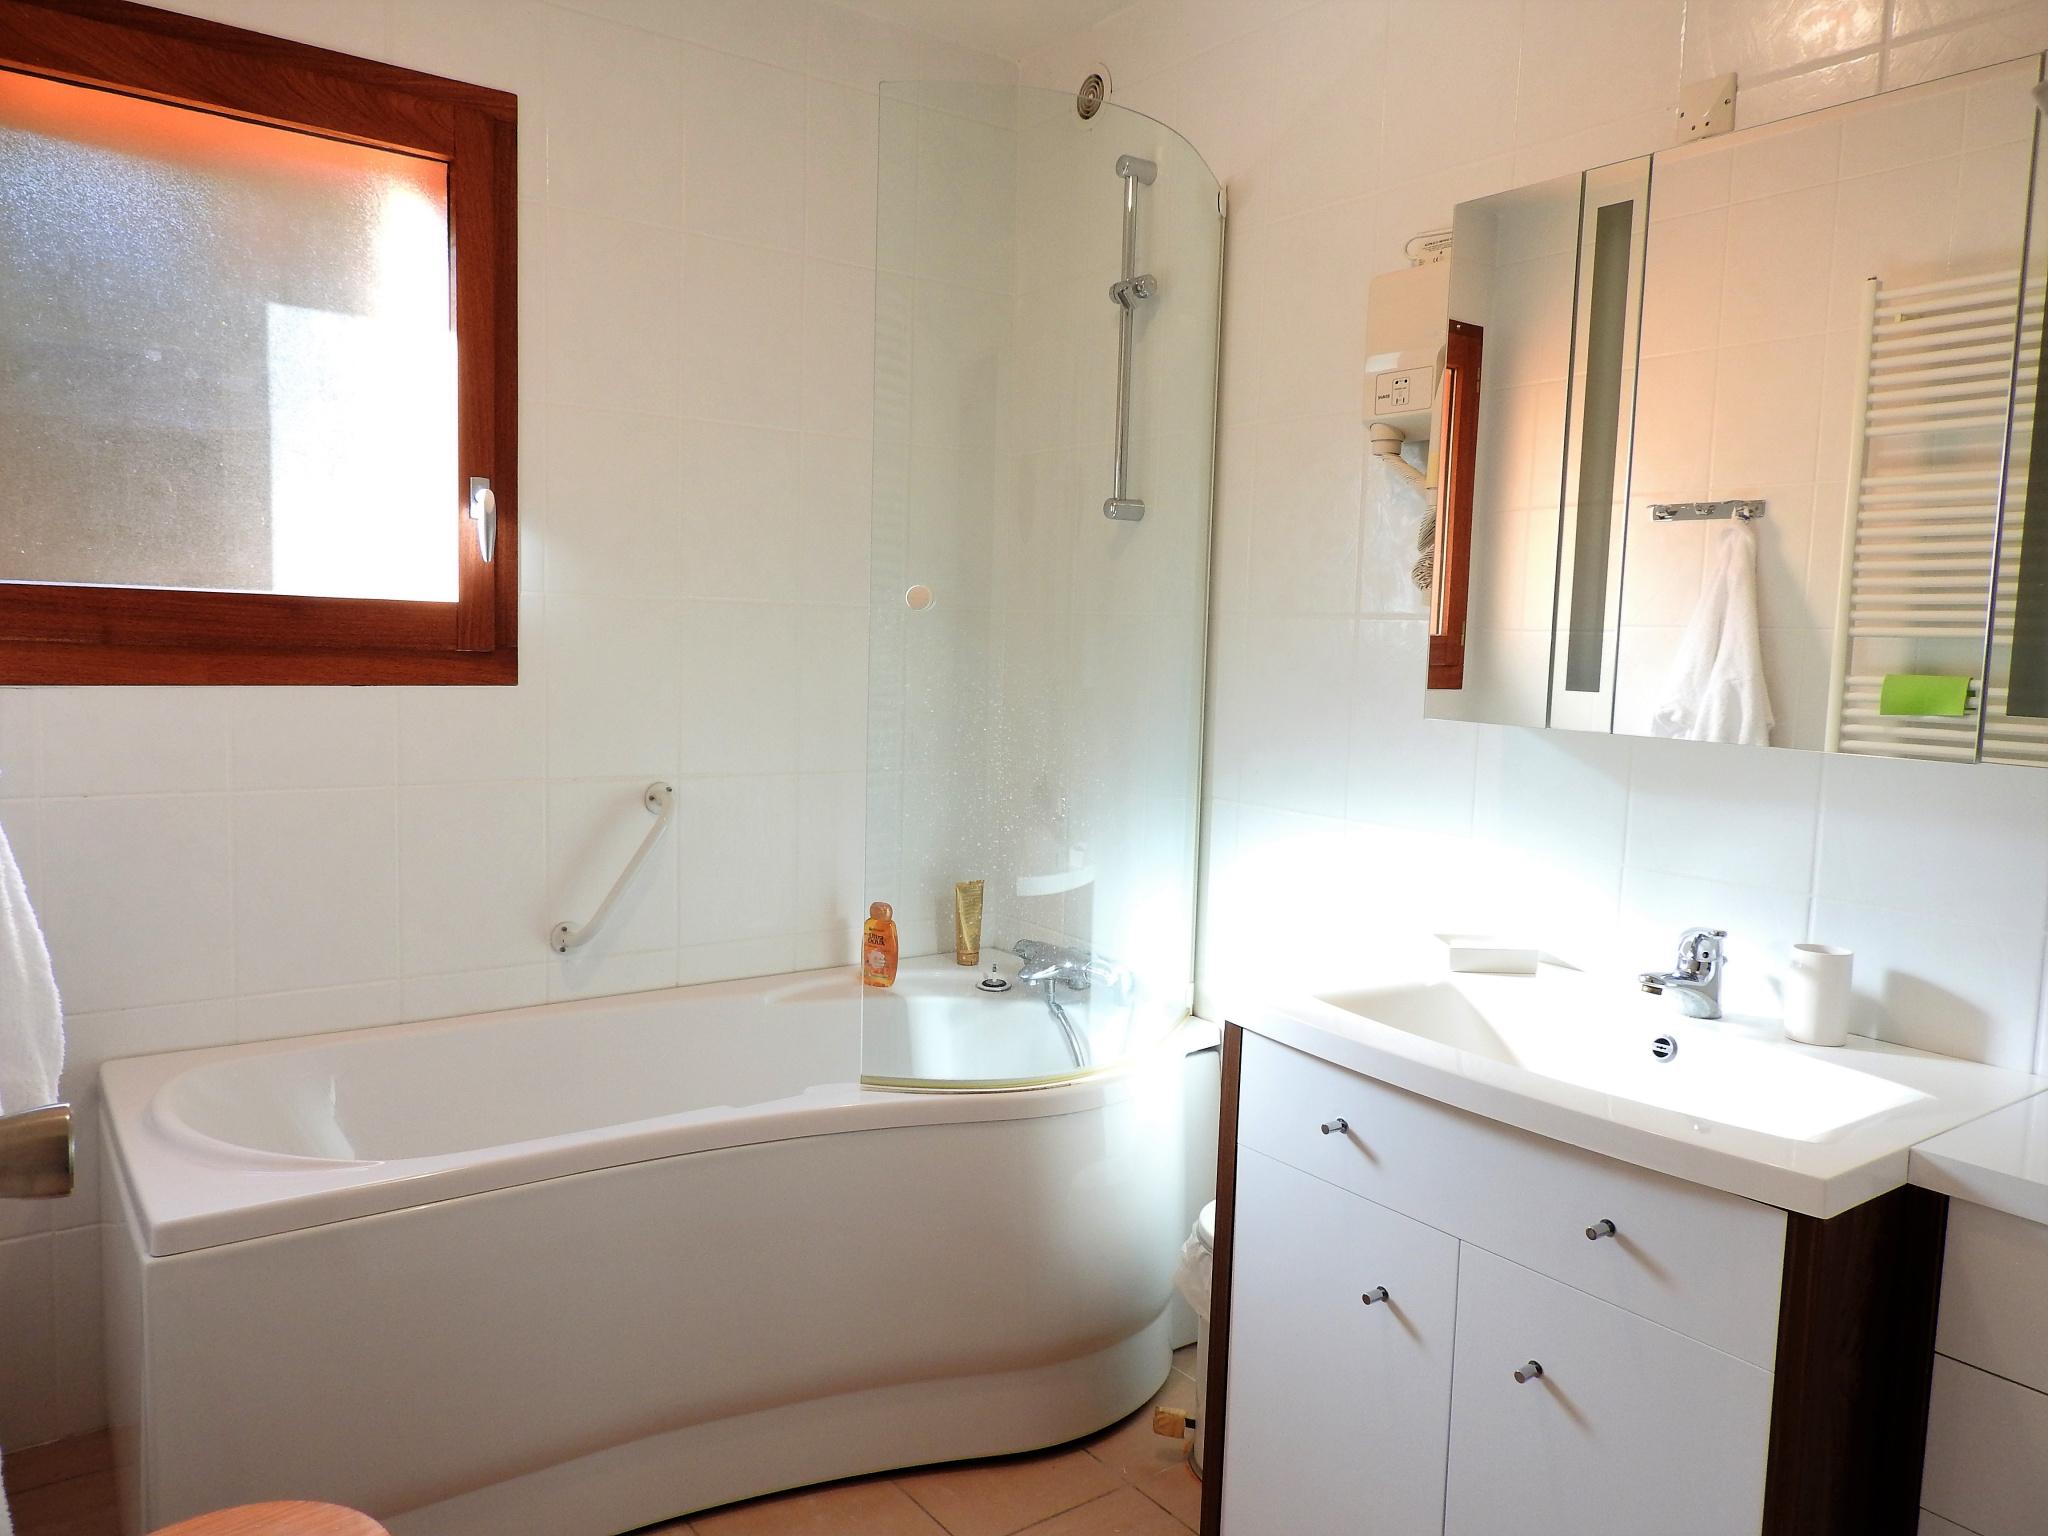 Salle de bains (baignoire)